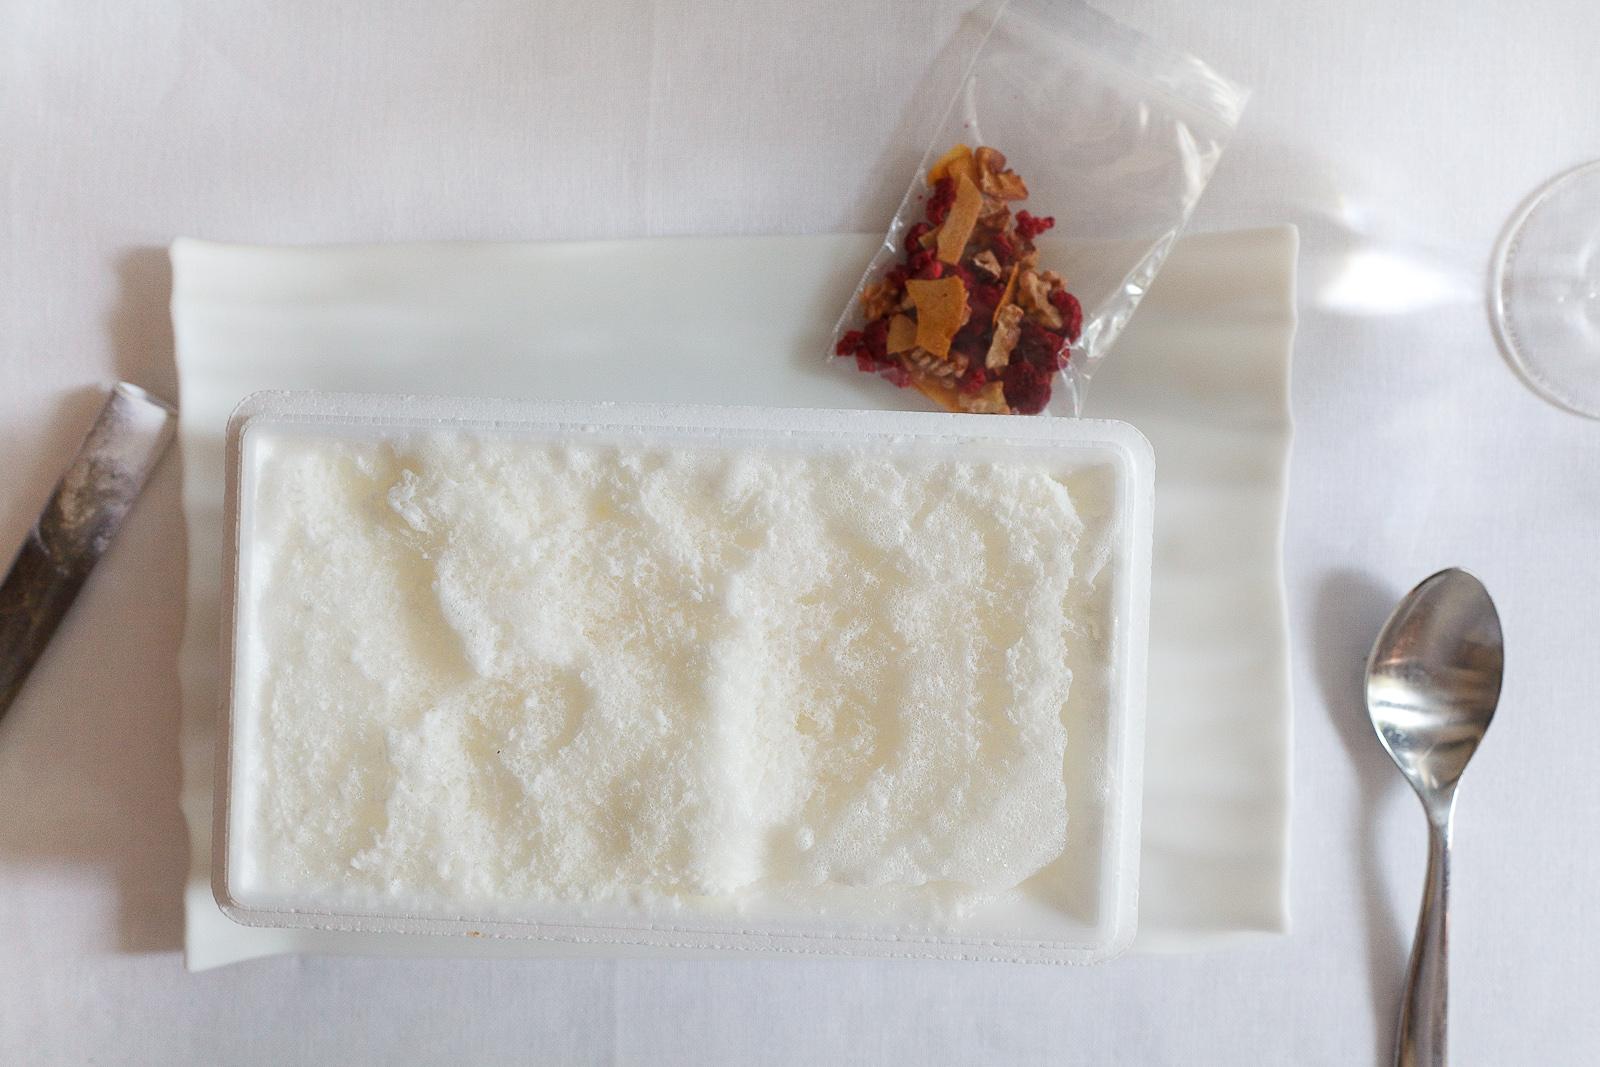 El Bulli, Spain - 21st Course, Part II: Parmesan frozen-air with museli